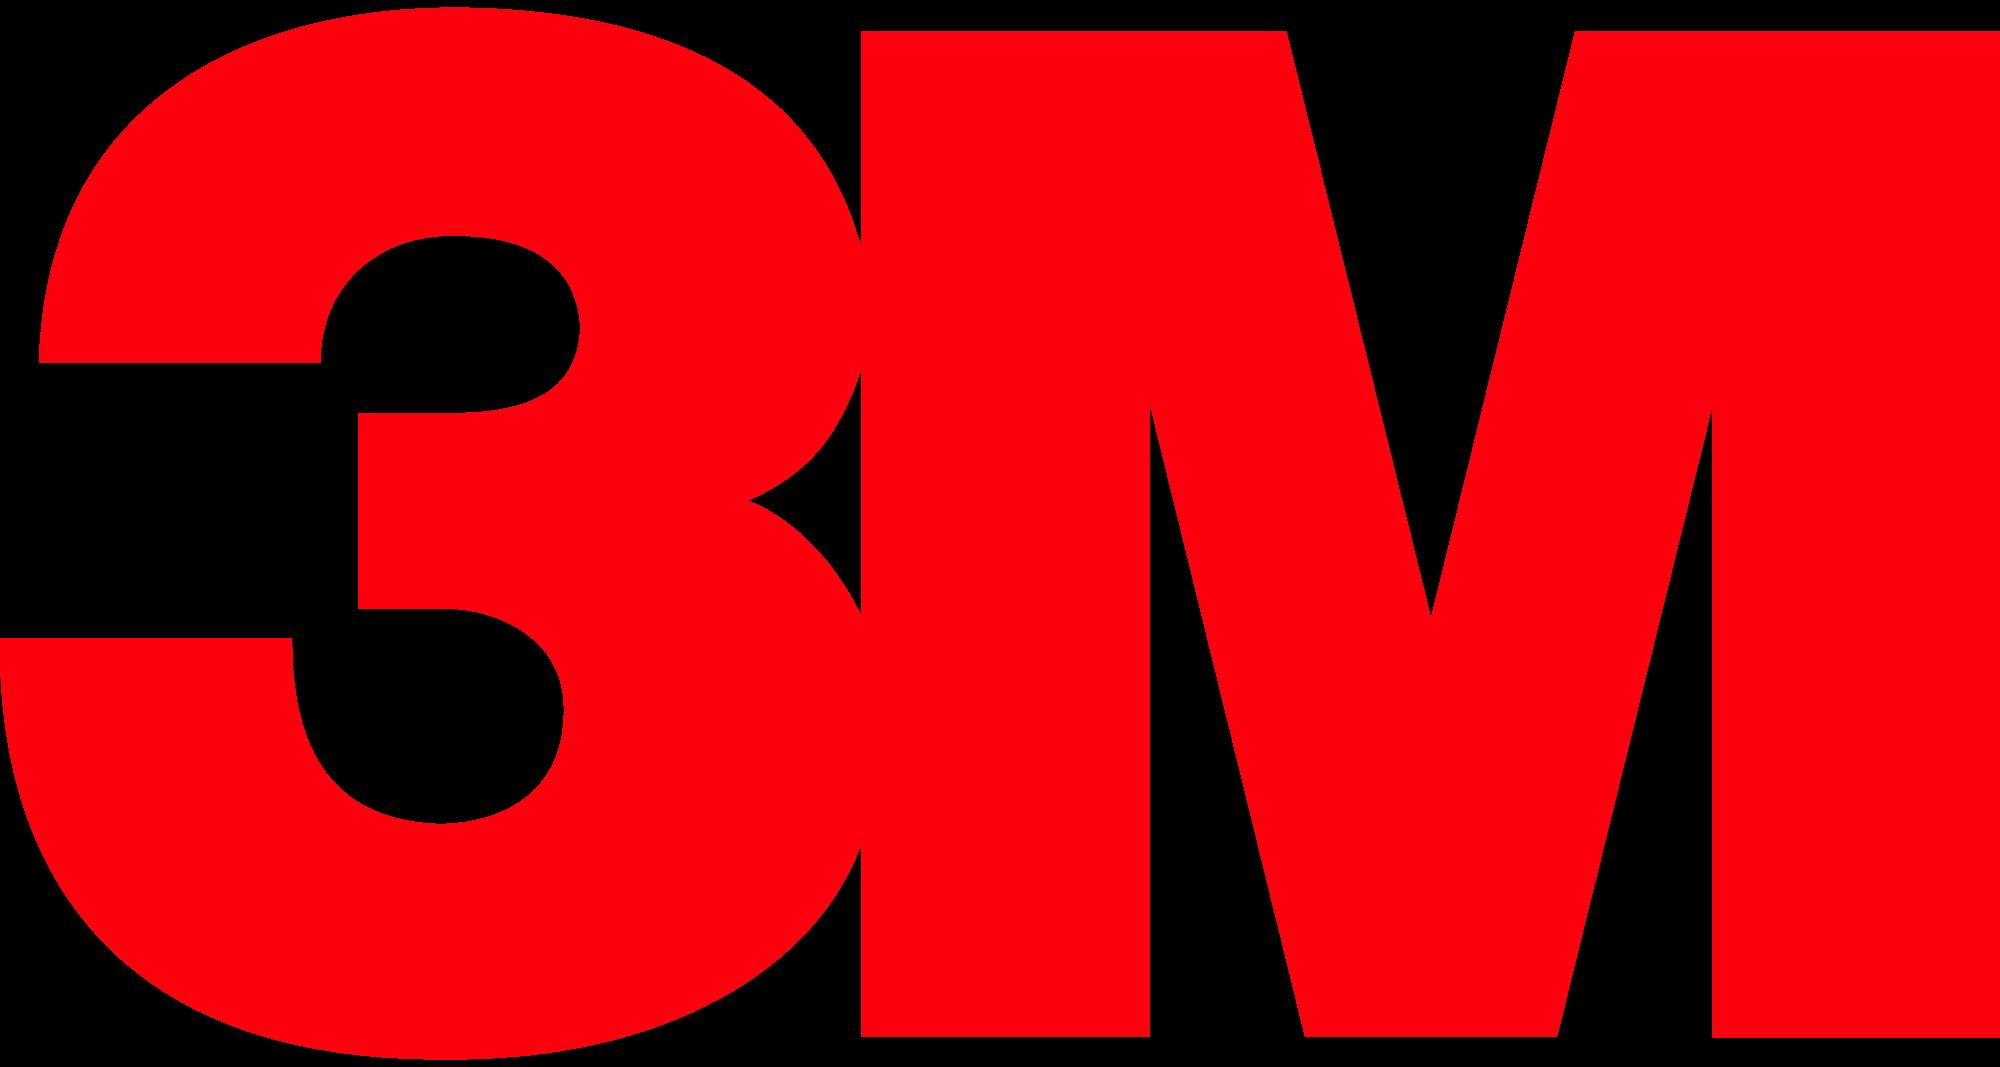 3m-logo-6